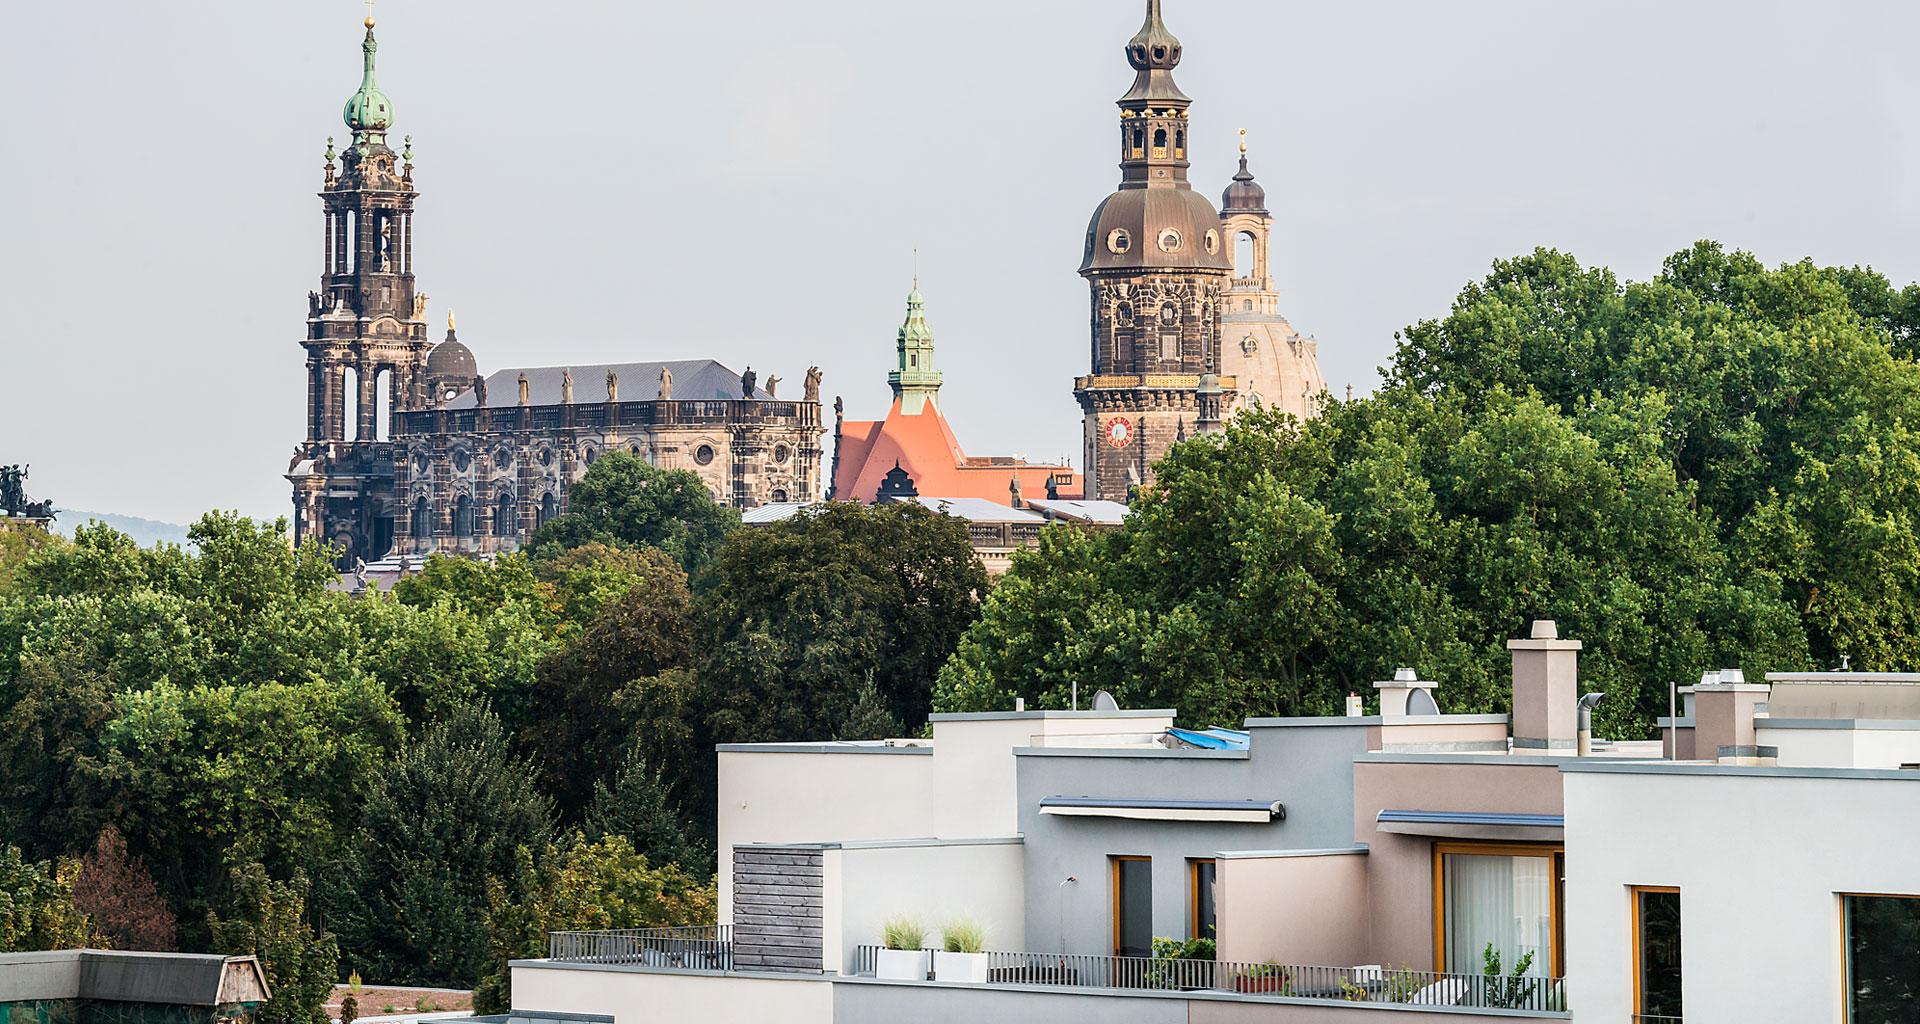 Umgebung - Ansicht 2 Musikerviertel Dresden